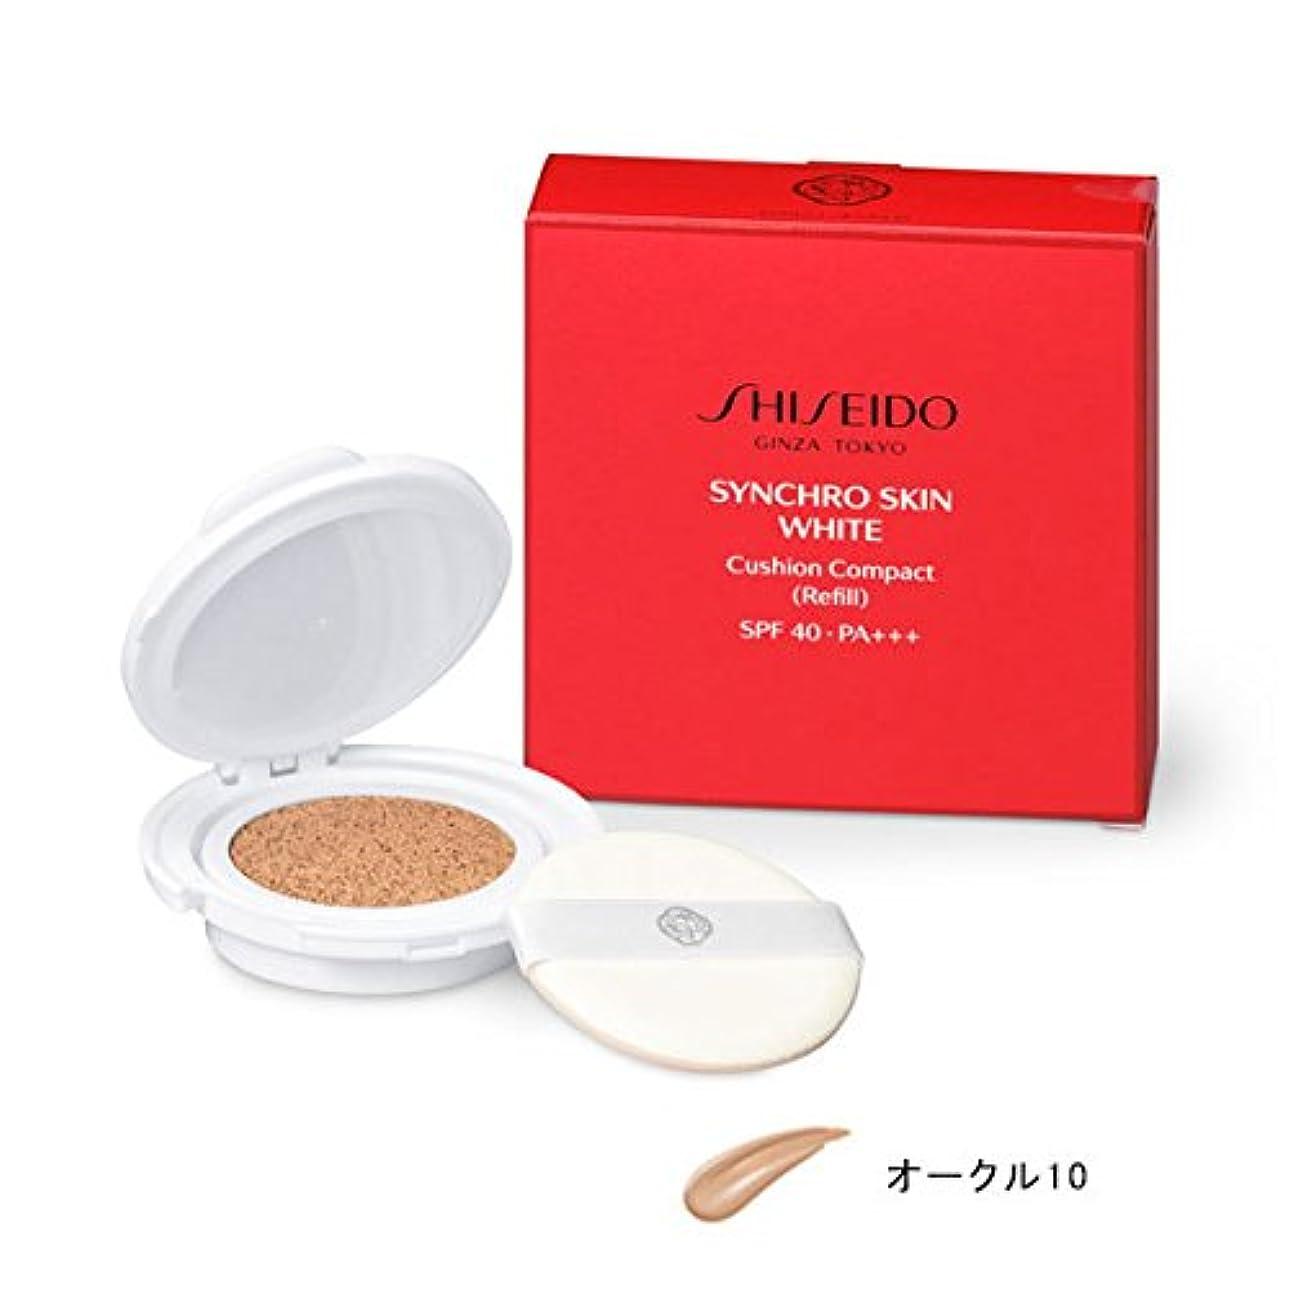 ゲートのみ道SHISEIDO Makeup(資生堂 メーキャップ) SHISEIDO(資生堂) シンクロスキン ホワイト クッションコンパクト WT レフィル(医薬部外品) (オークル10)